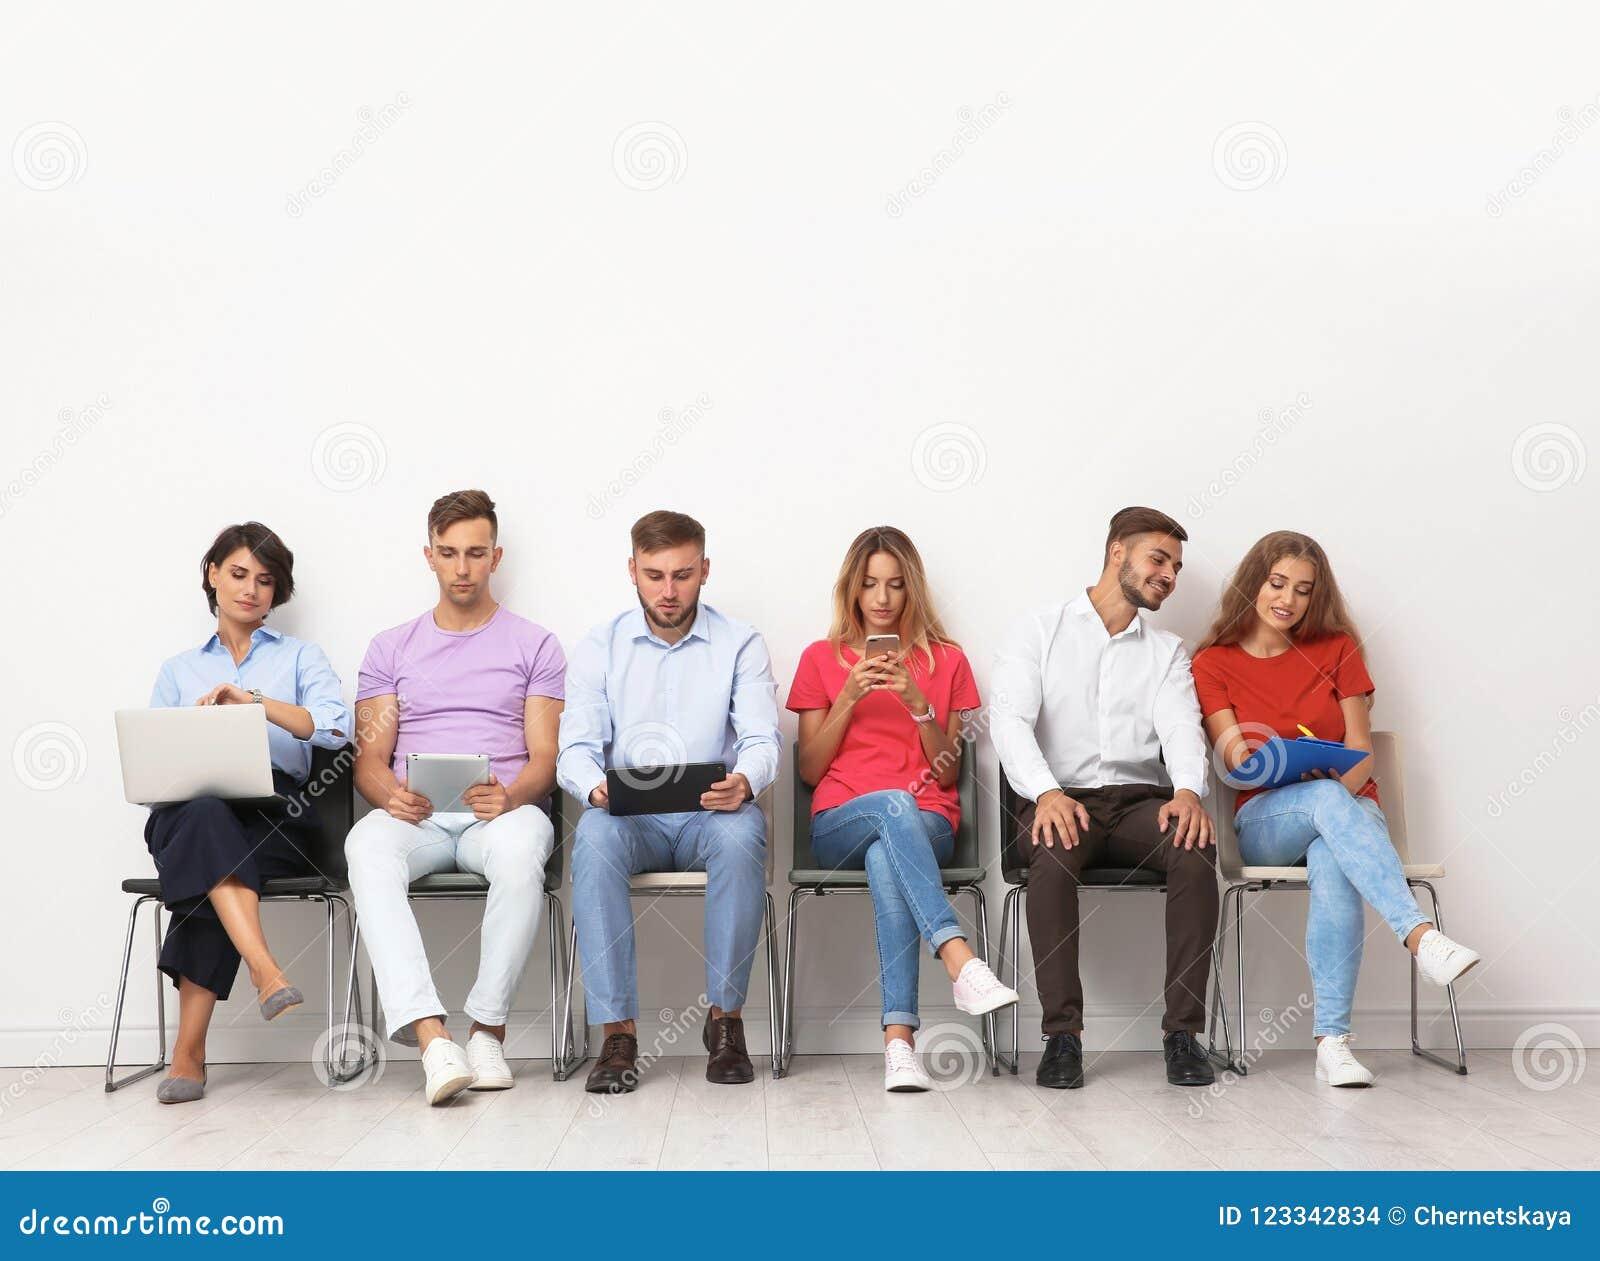 Ομάδα νέων που περιμένουν τη συνέντευξη εργασίας